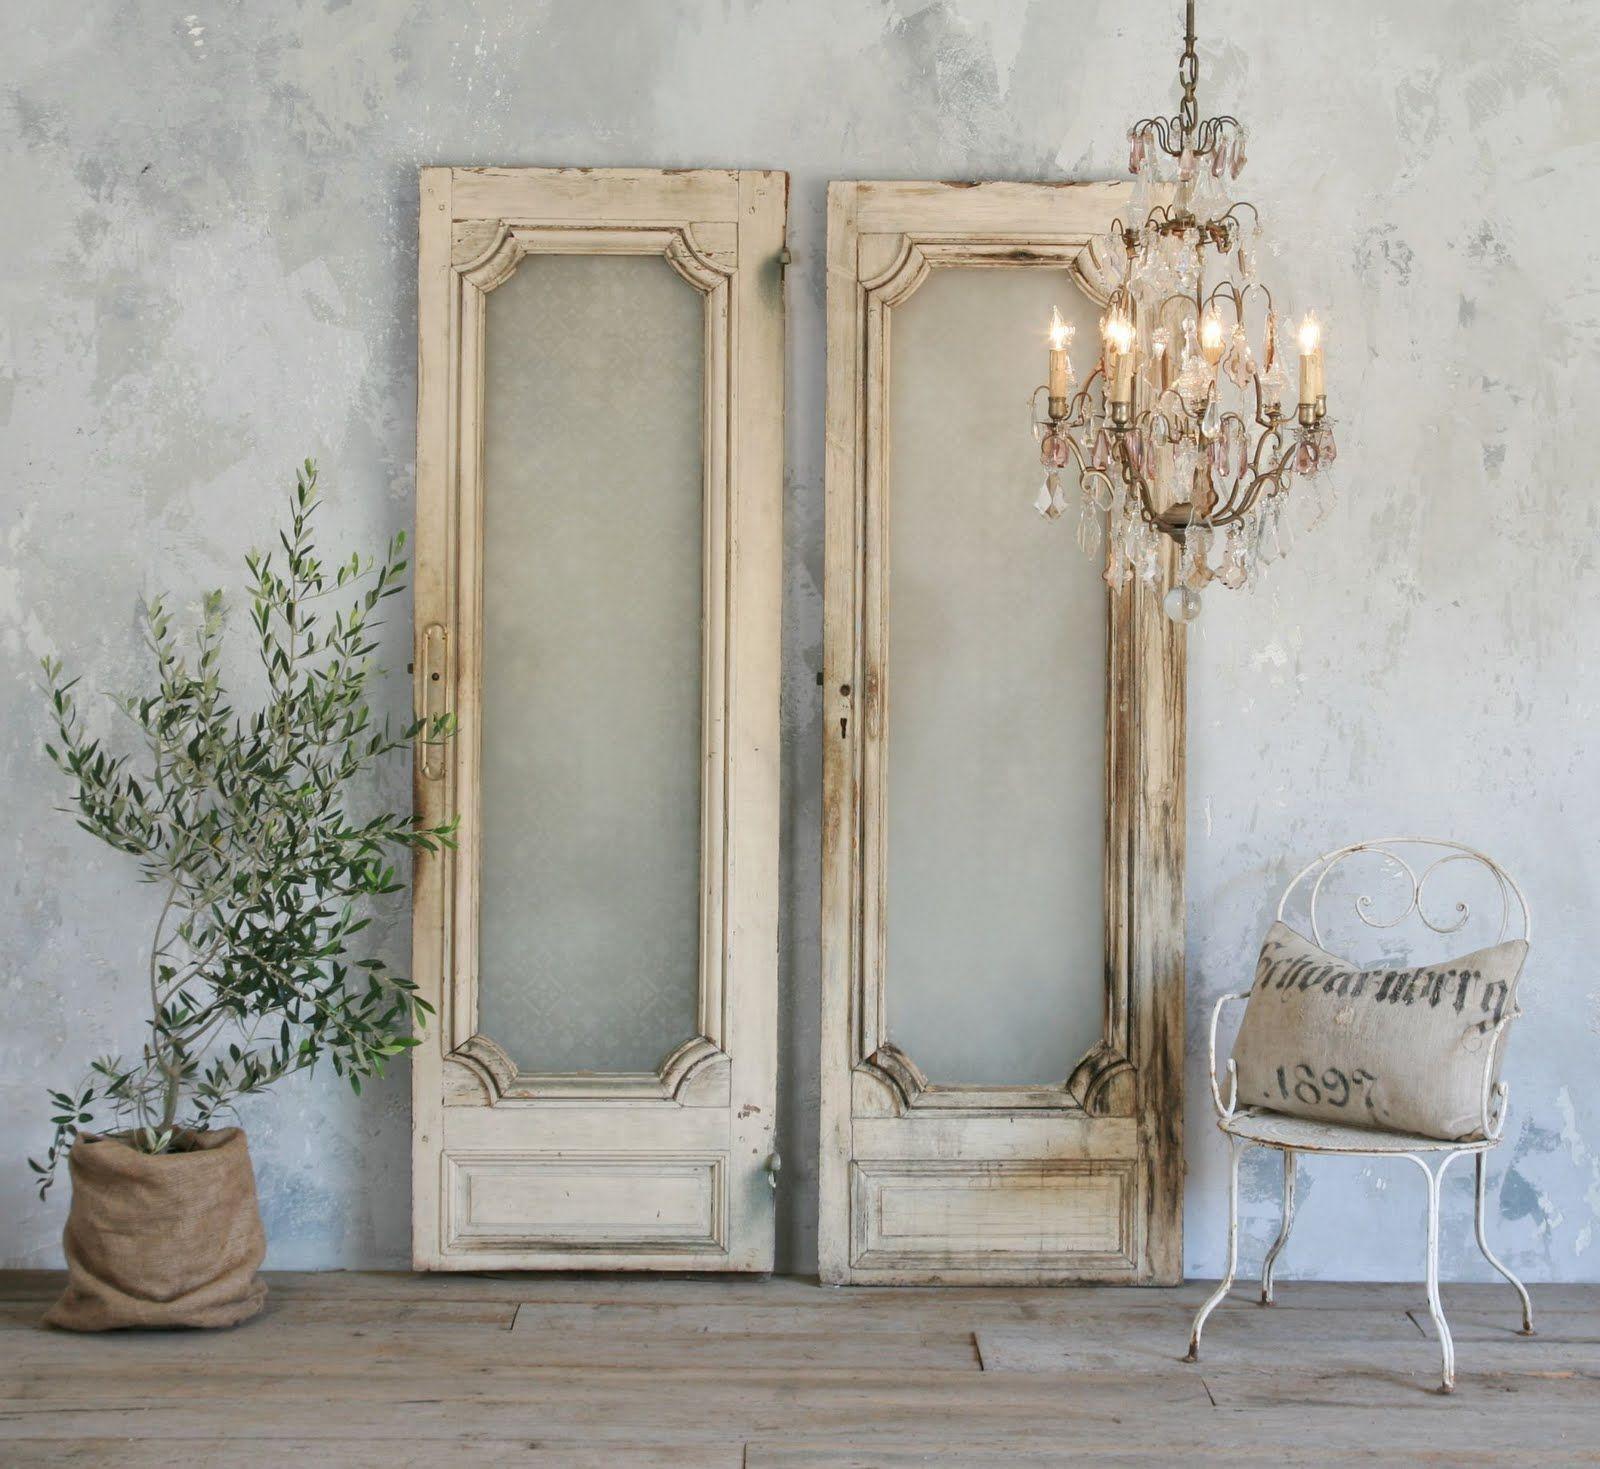 Oude brocante deuren ter decoratie in huis maak het af met een franse kroonluchter - Decoratie themakamer paris ...